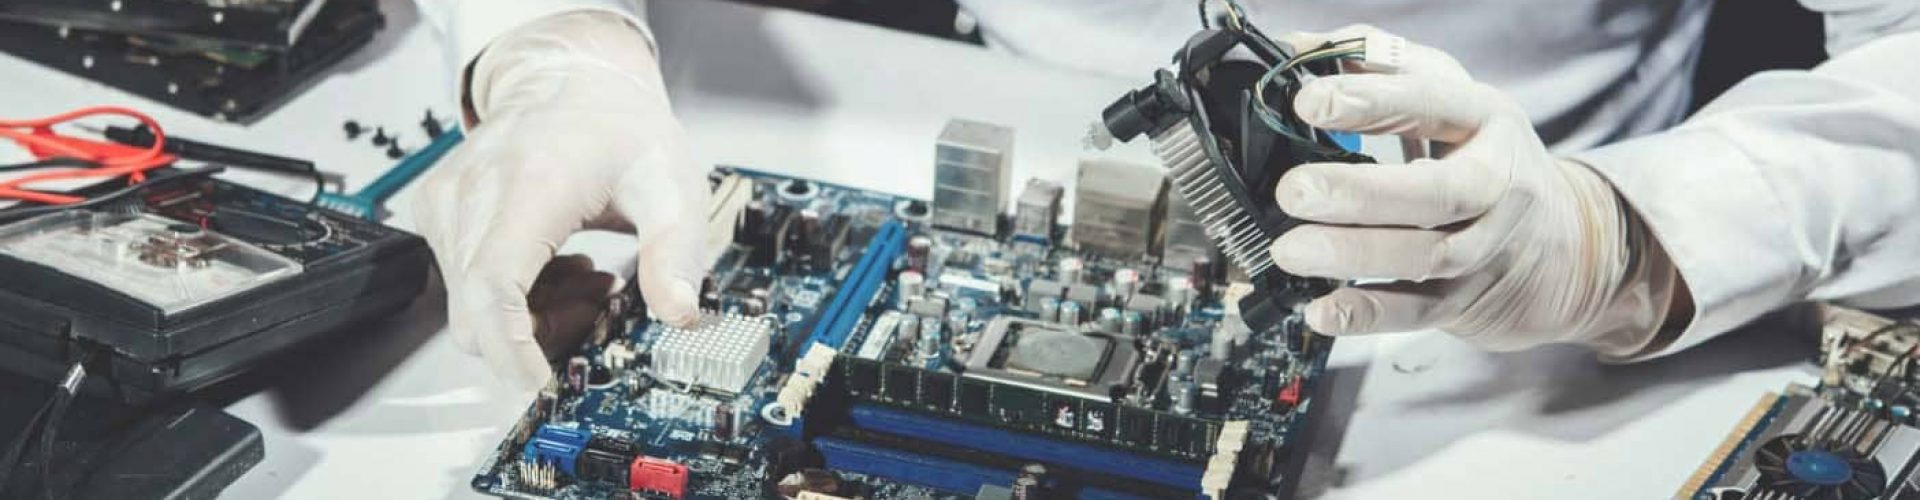 Reparación de ordenadores en Alpedrete con desplazamiento gratuito